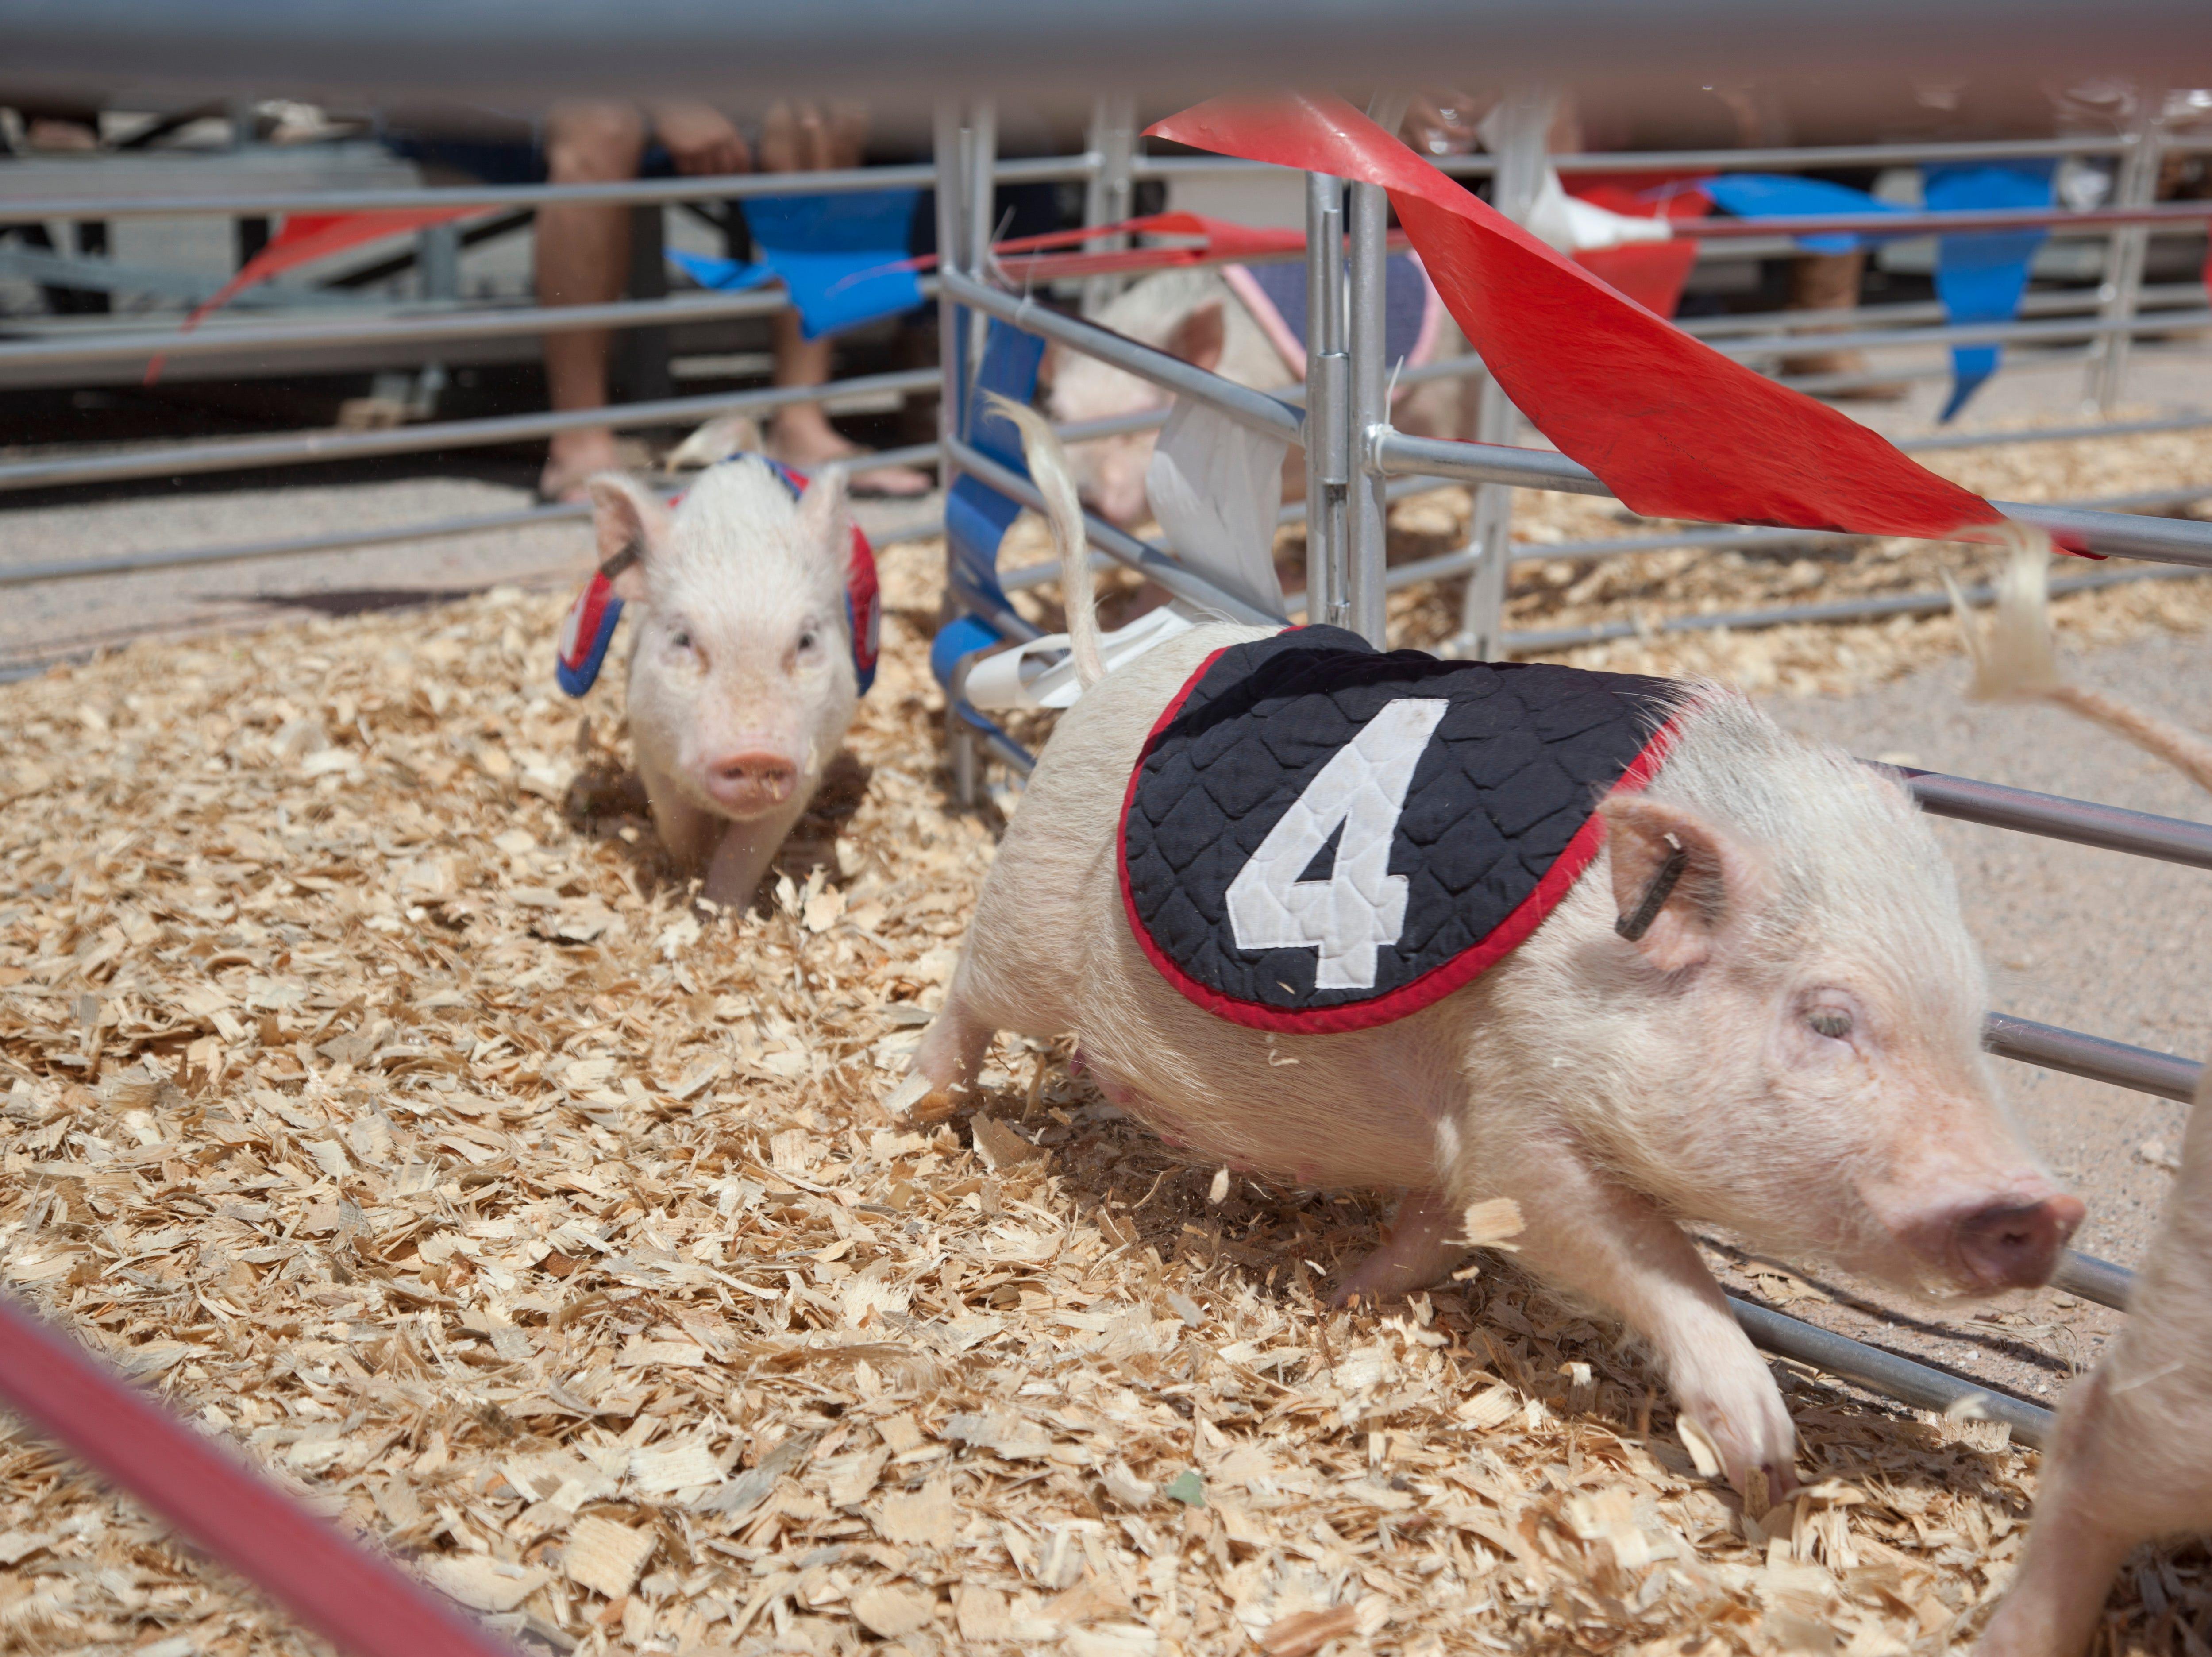 The Clark County Fair Wednesday, April 10, 2019.